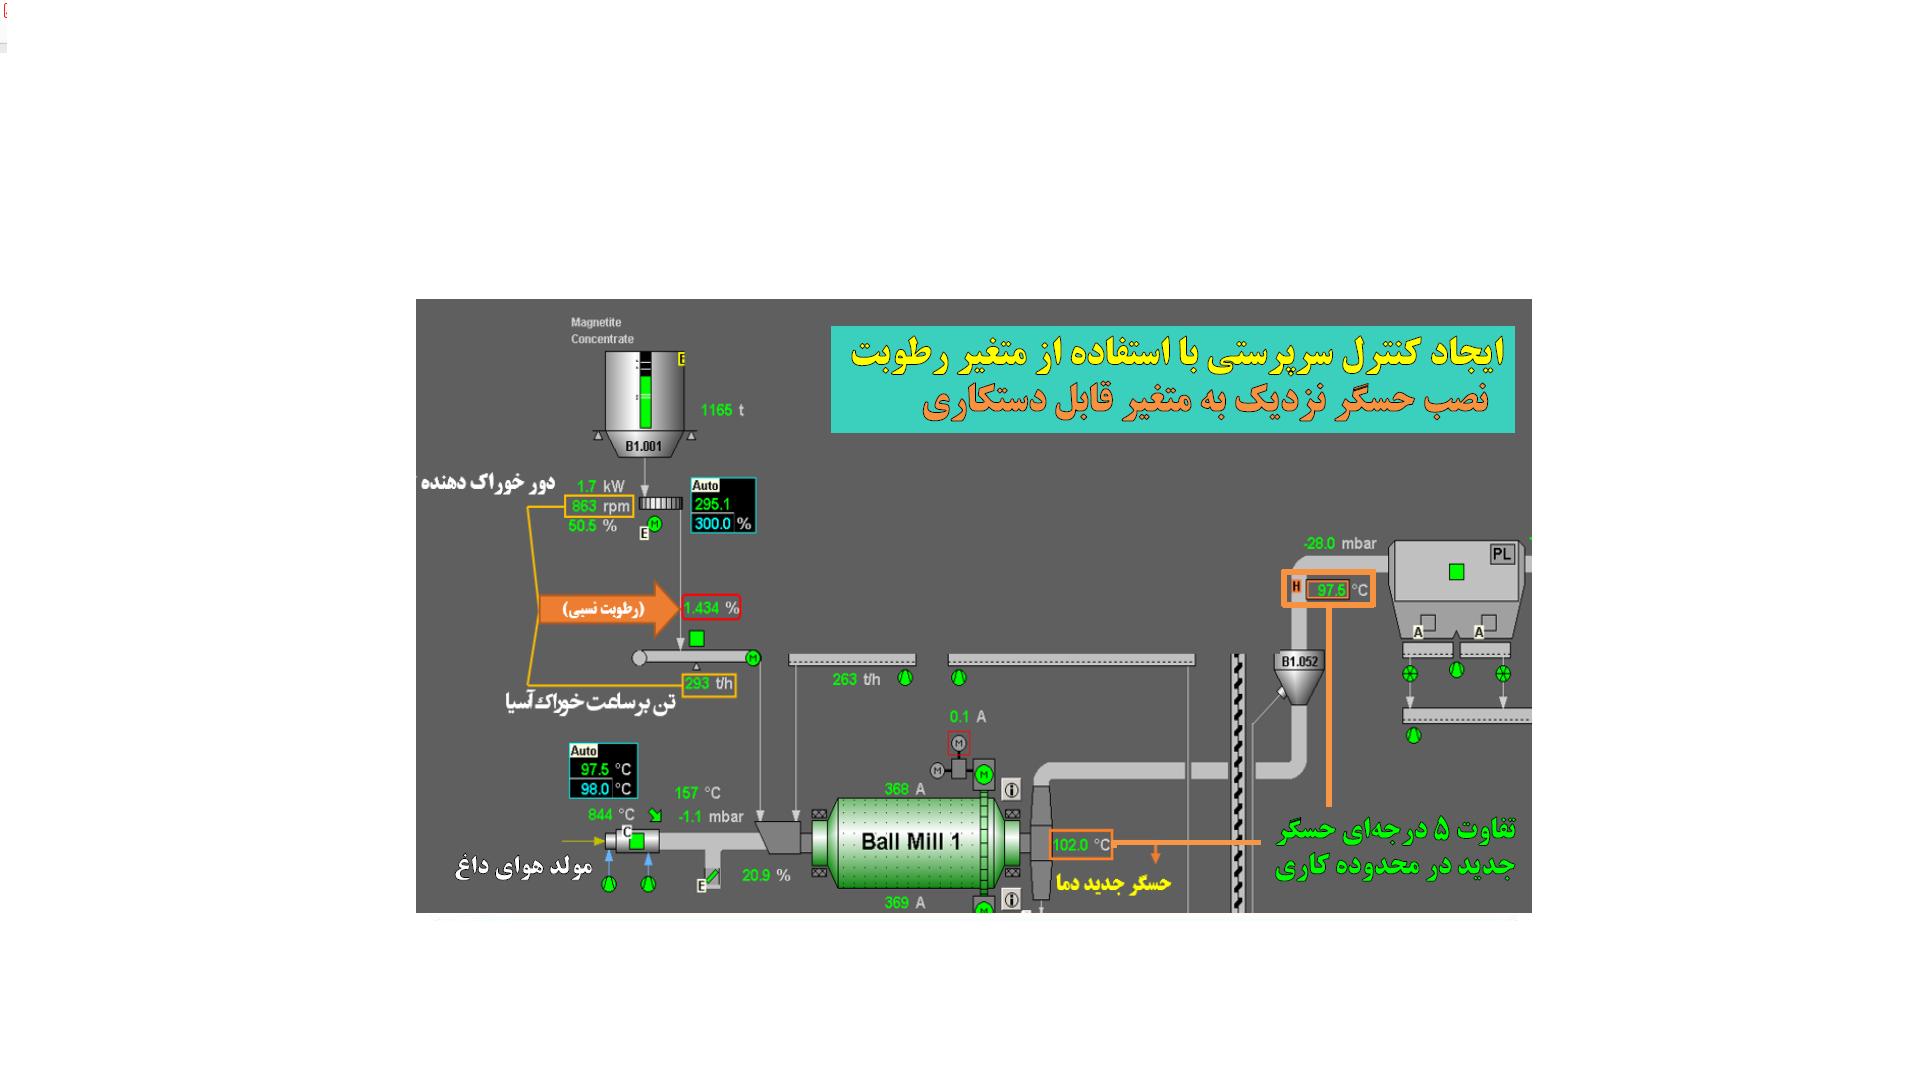 بیست و پنجمین جلسه هفتگی استانداردسازی و بازرسی فرآیند در کارخانه گندله سازی شماره یک شرکت معدنی و صنعتی گل گهر(حلقههای کنترل دما و فشار مدار آسیاکنی)